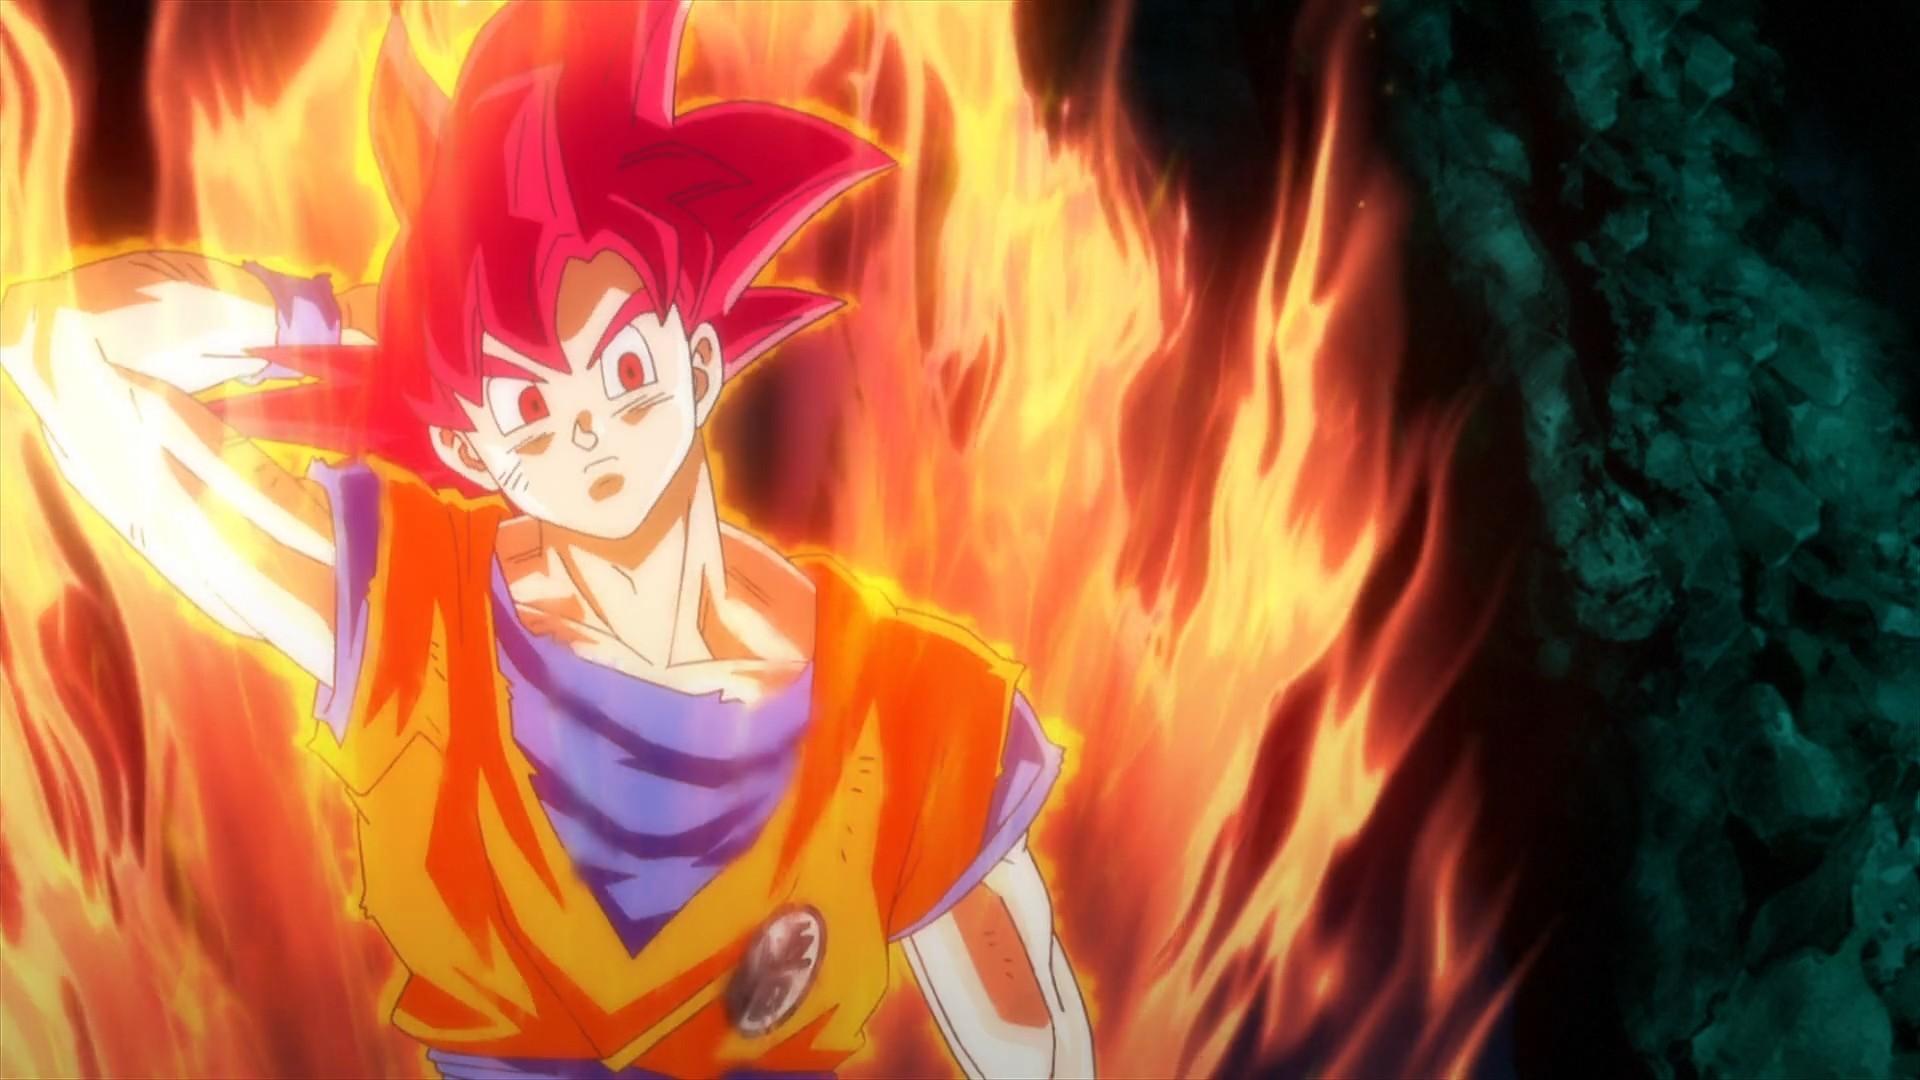 … son-goku-super-saiyan-god-dragon-ball-z- …